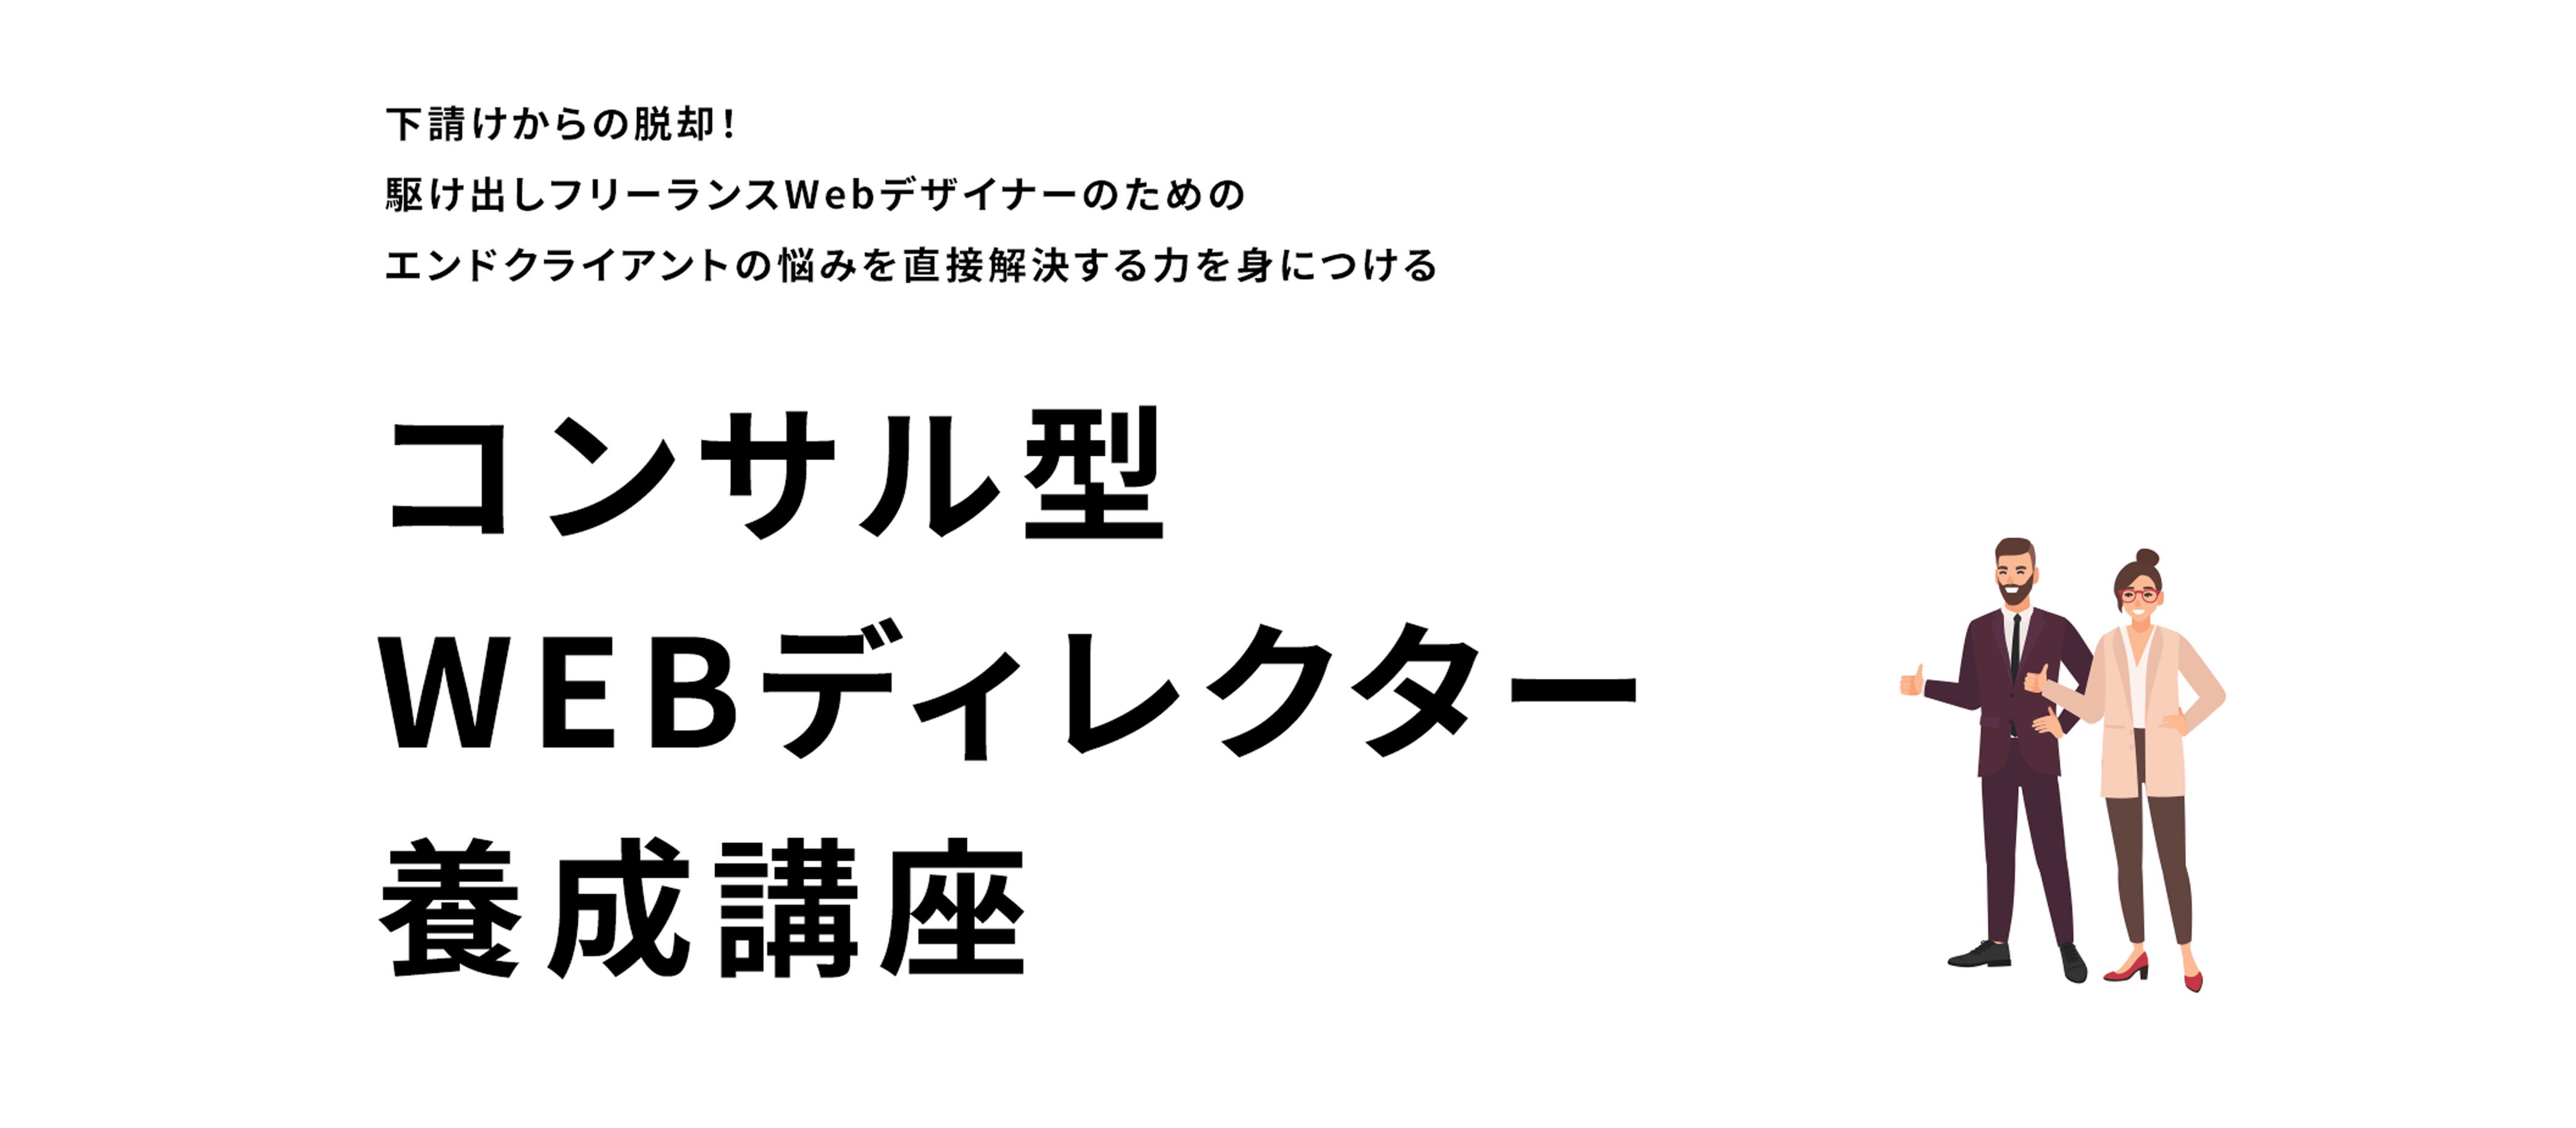 コンサル型WEBディレクター養成講座